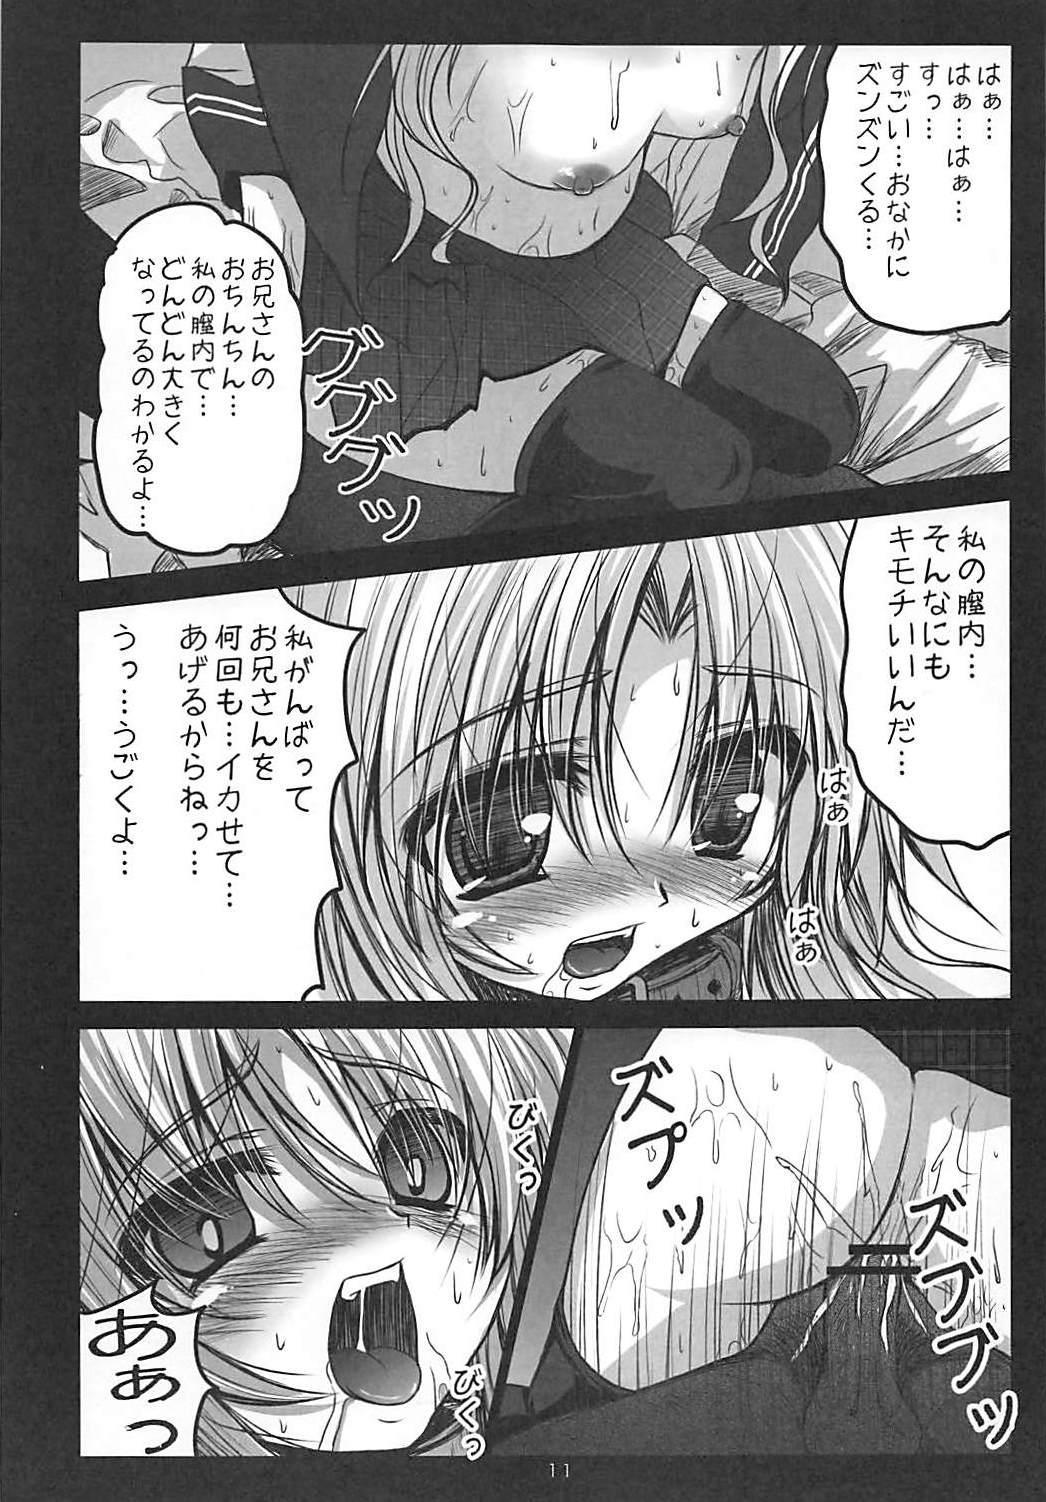 Aijoku Fate 9